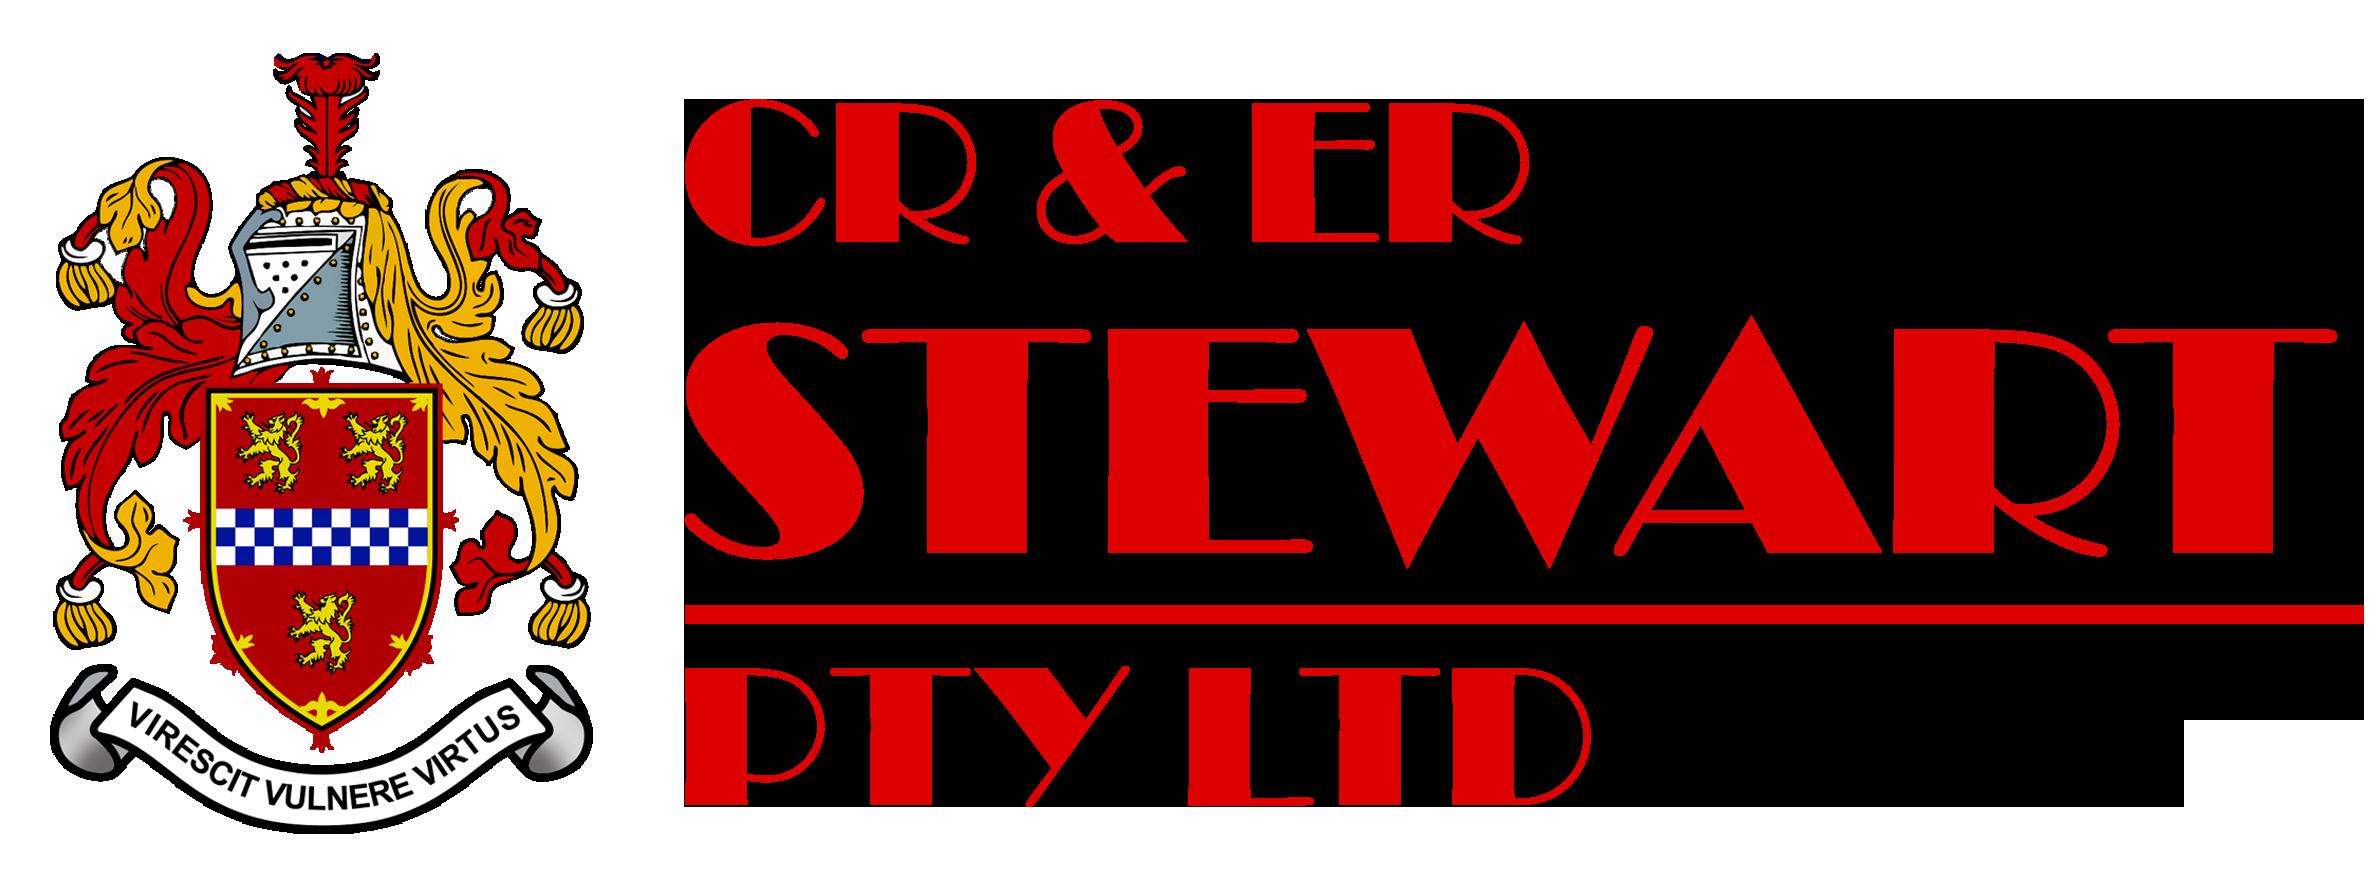 CR & ER Stewart